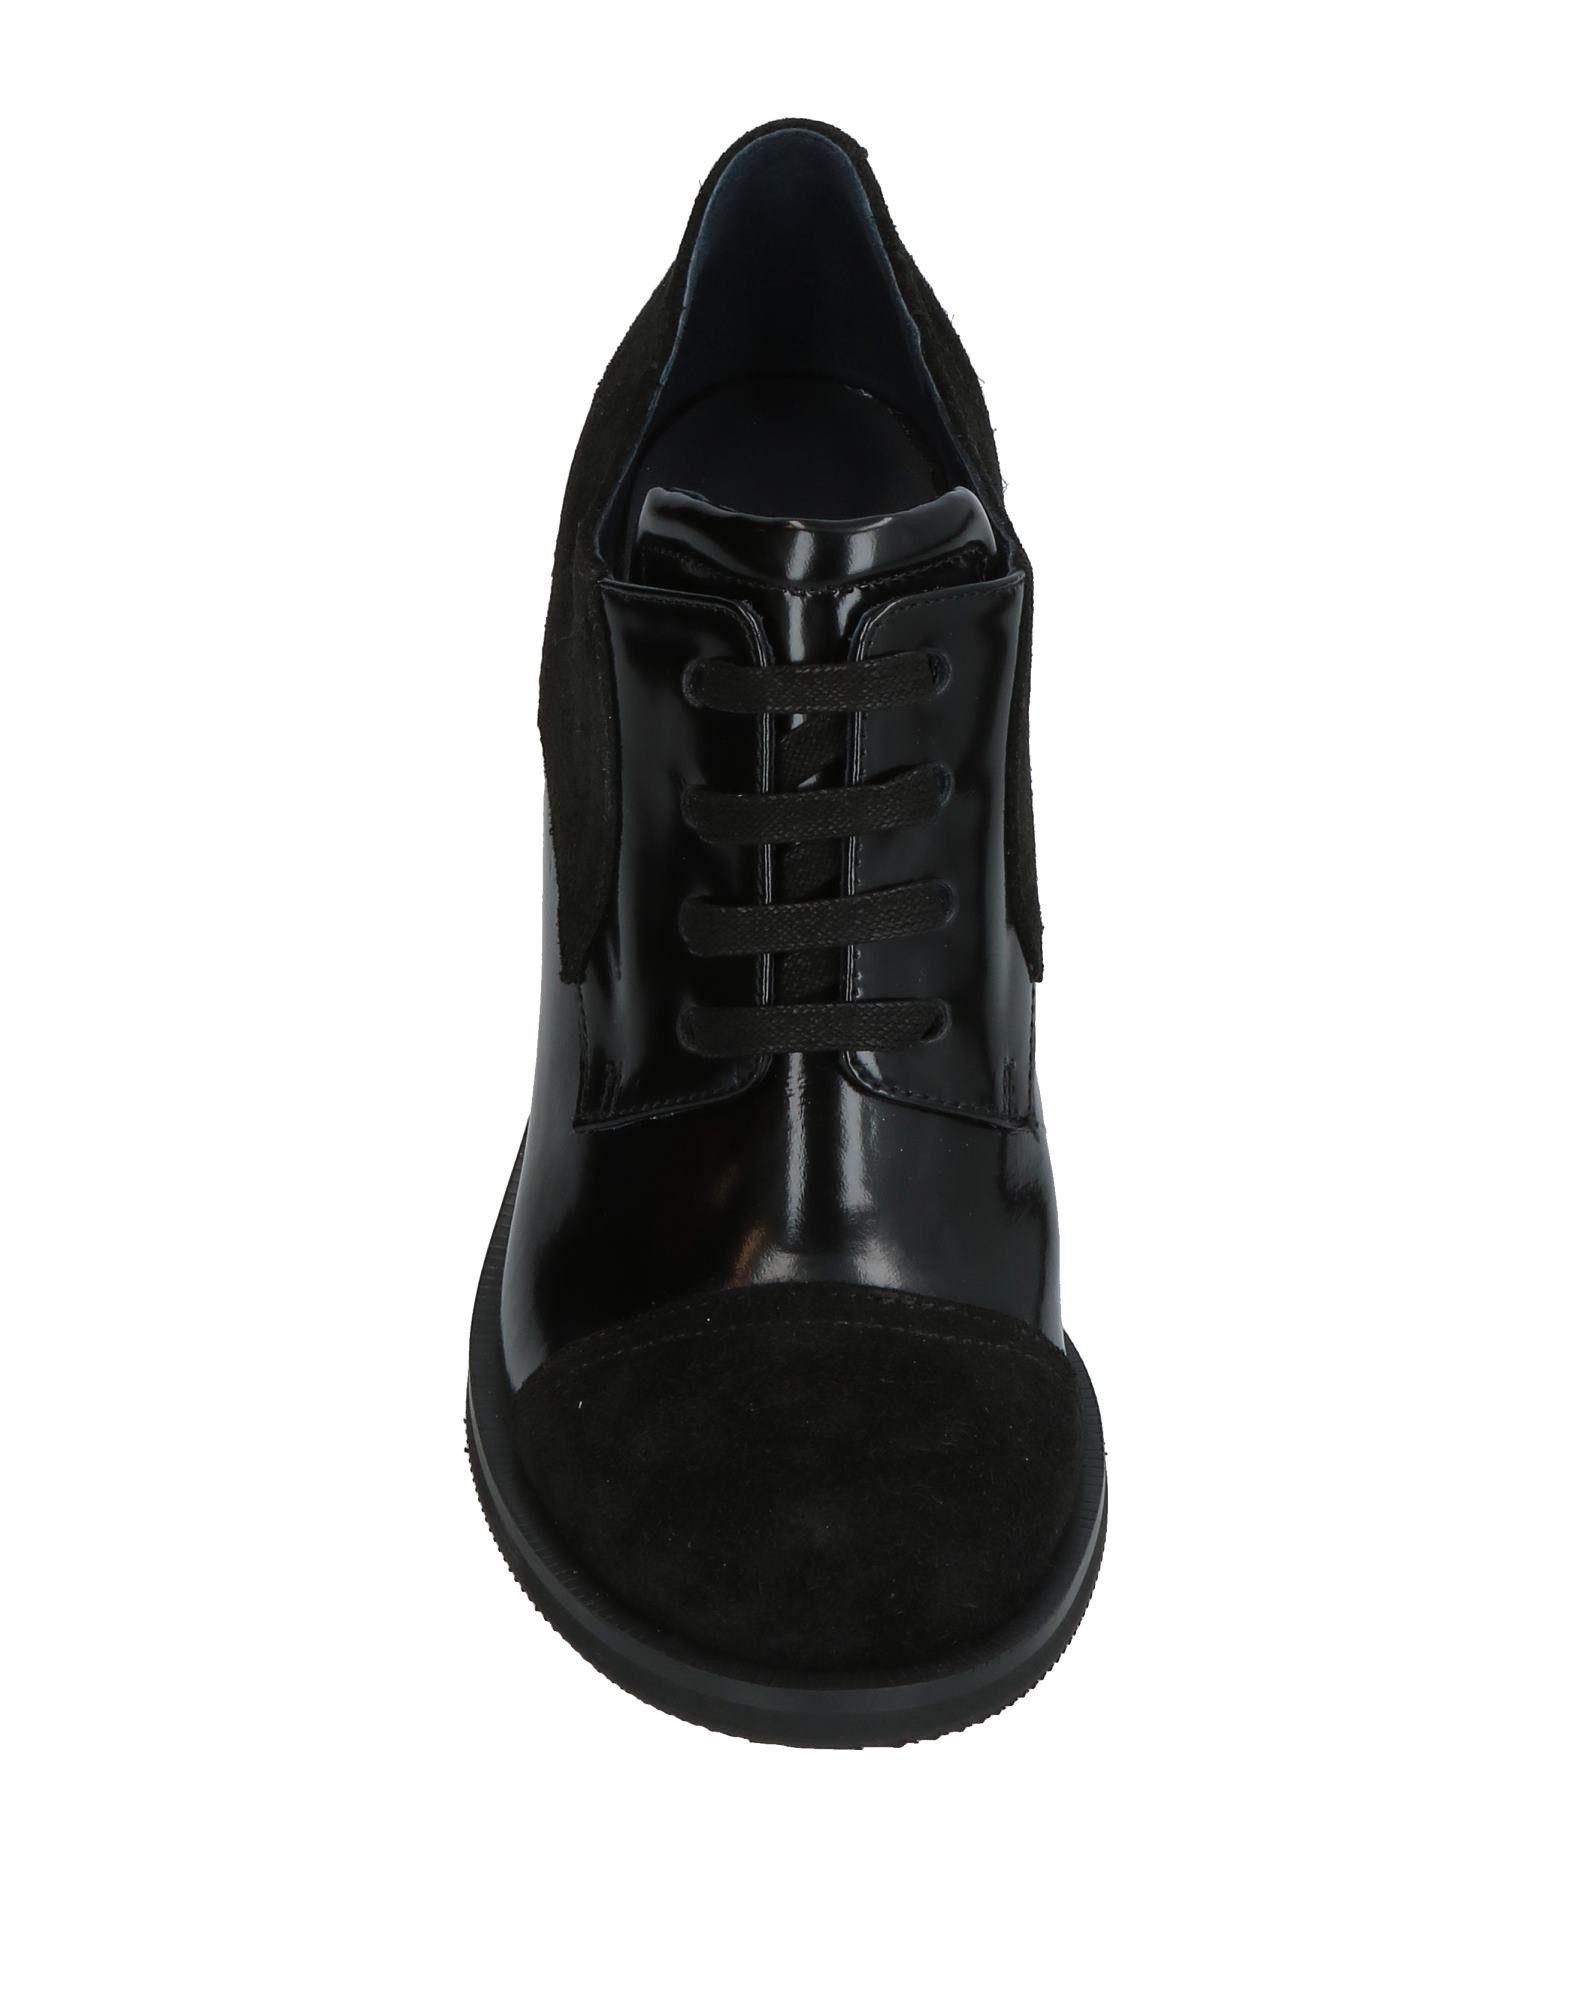 Jil Sander Navy Schnürschuhe Damen  11330365CIGut aussehende strapazierfähige Schuhe